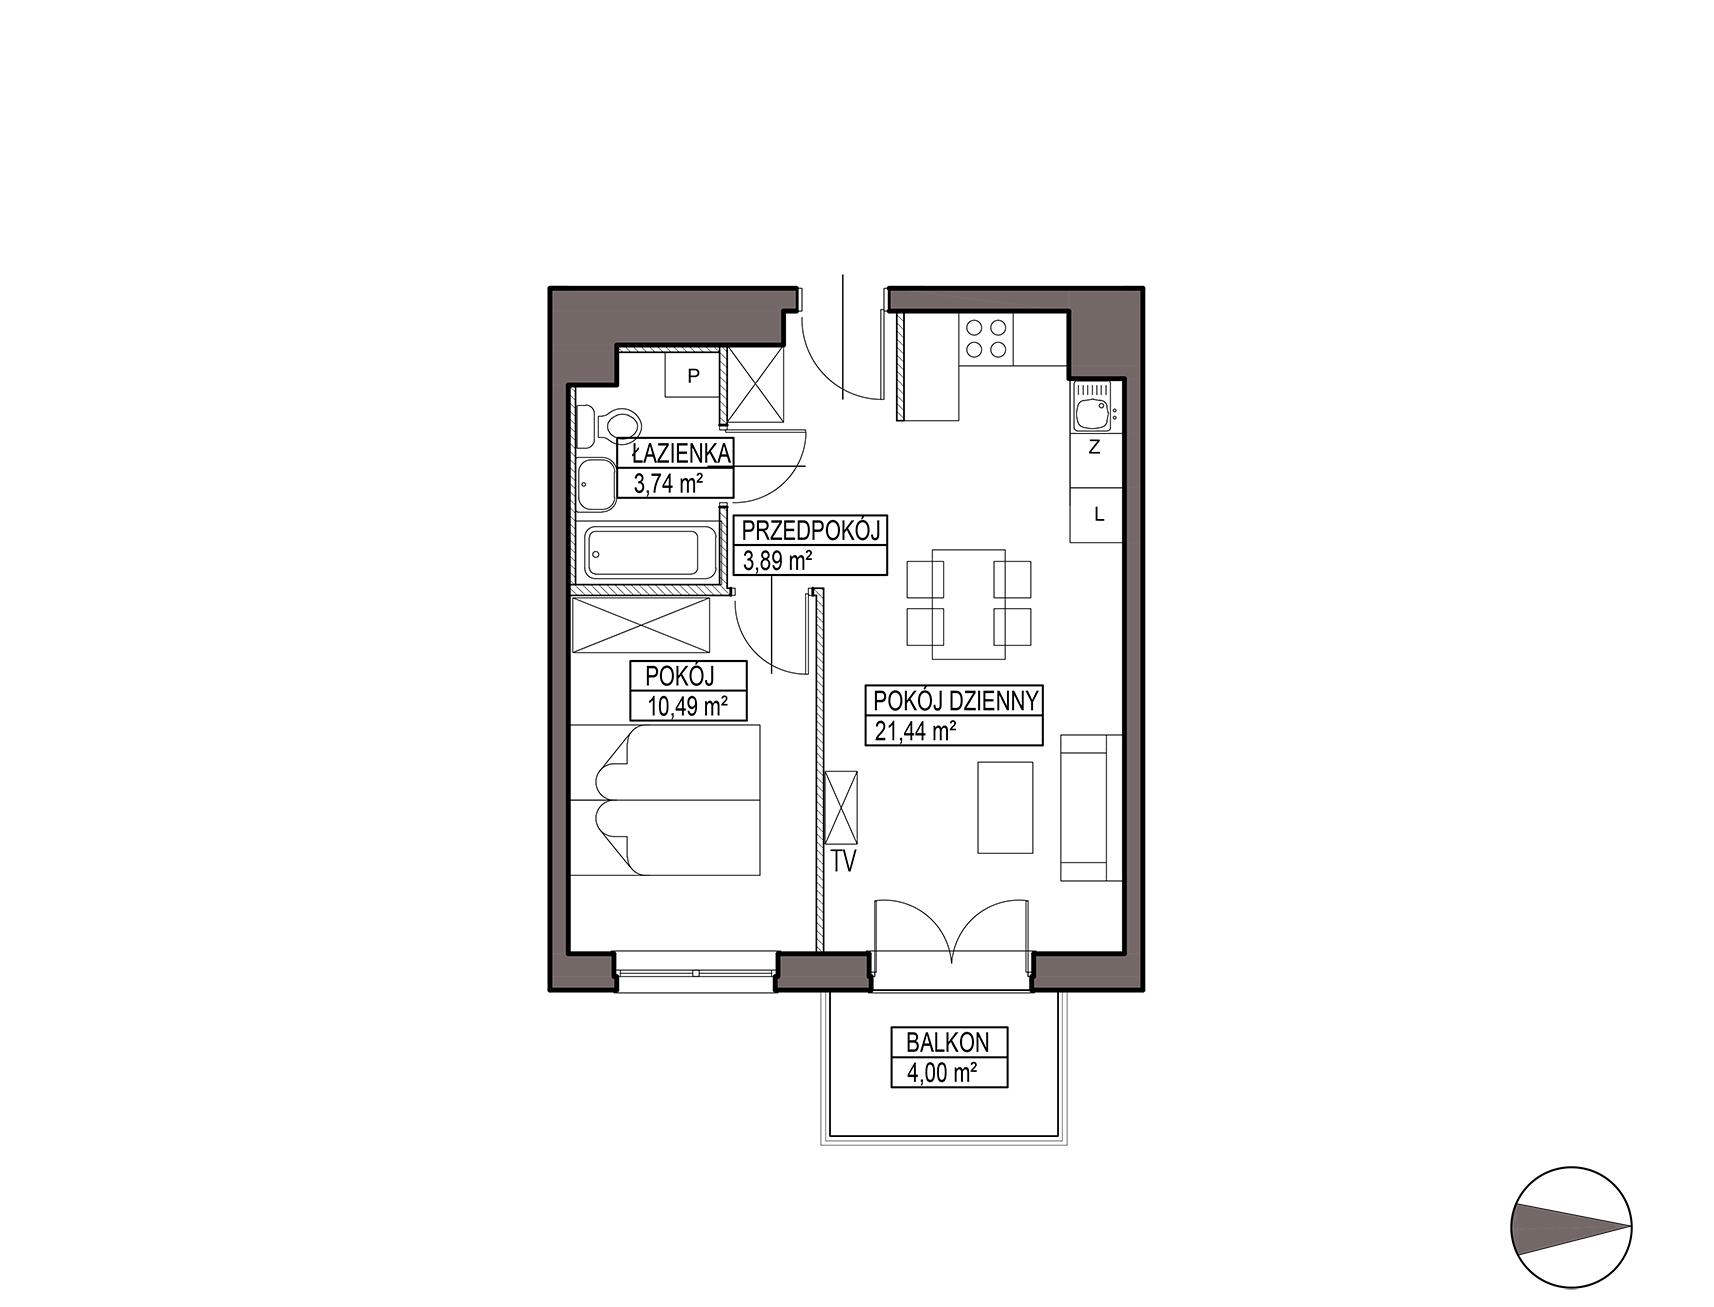 Uroczysko III / budynek 5 / mieszkanie G/0/3 rzut 1